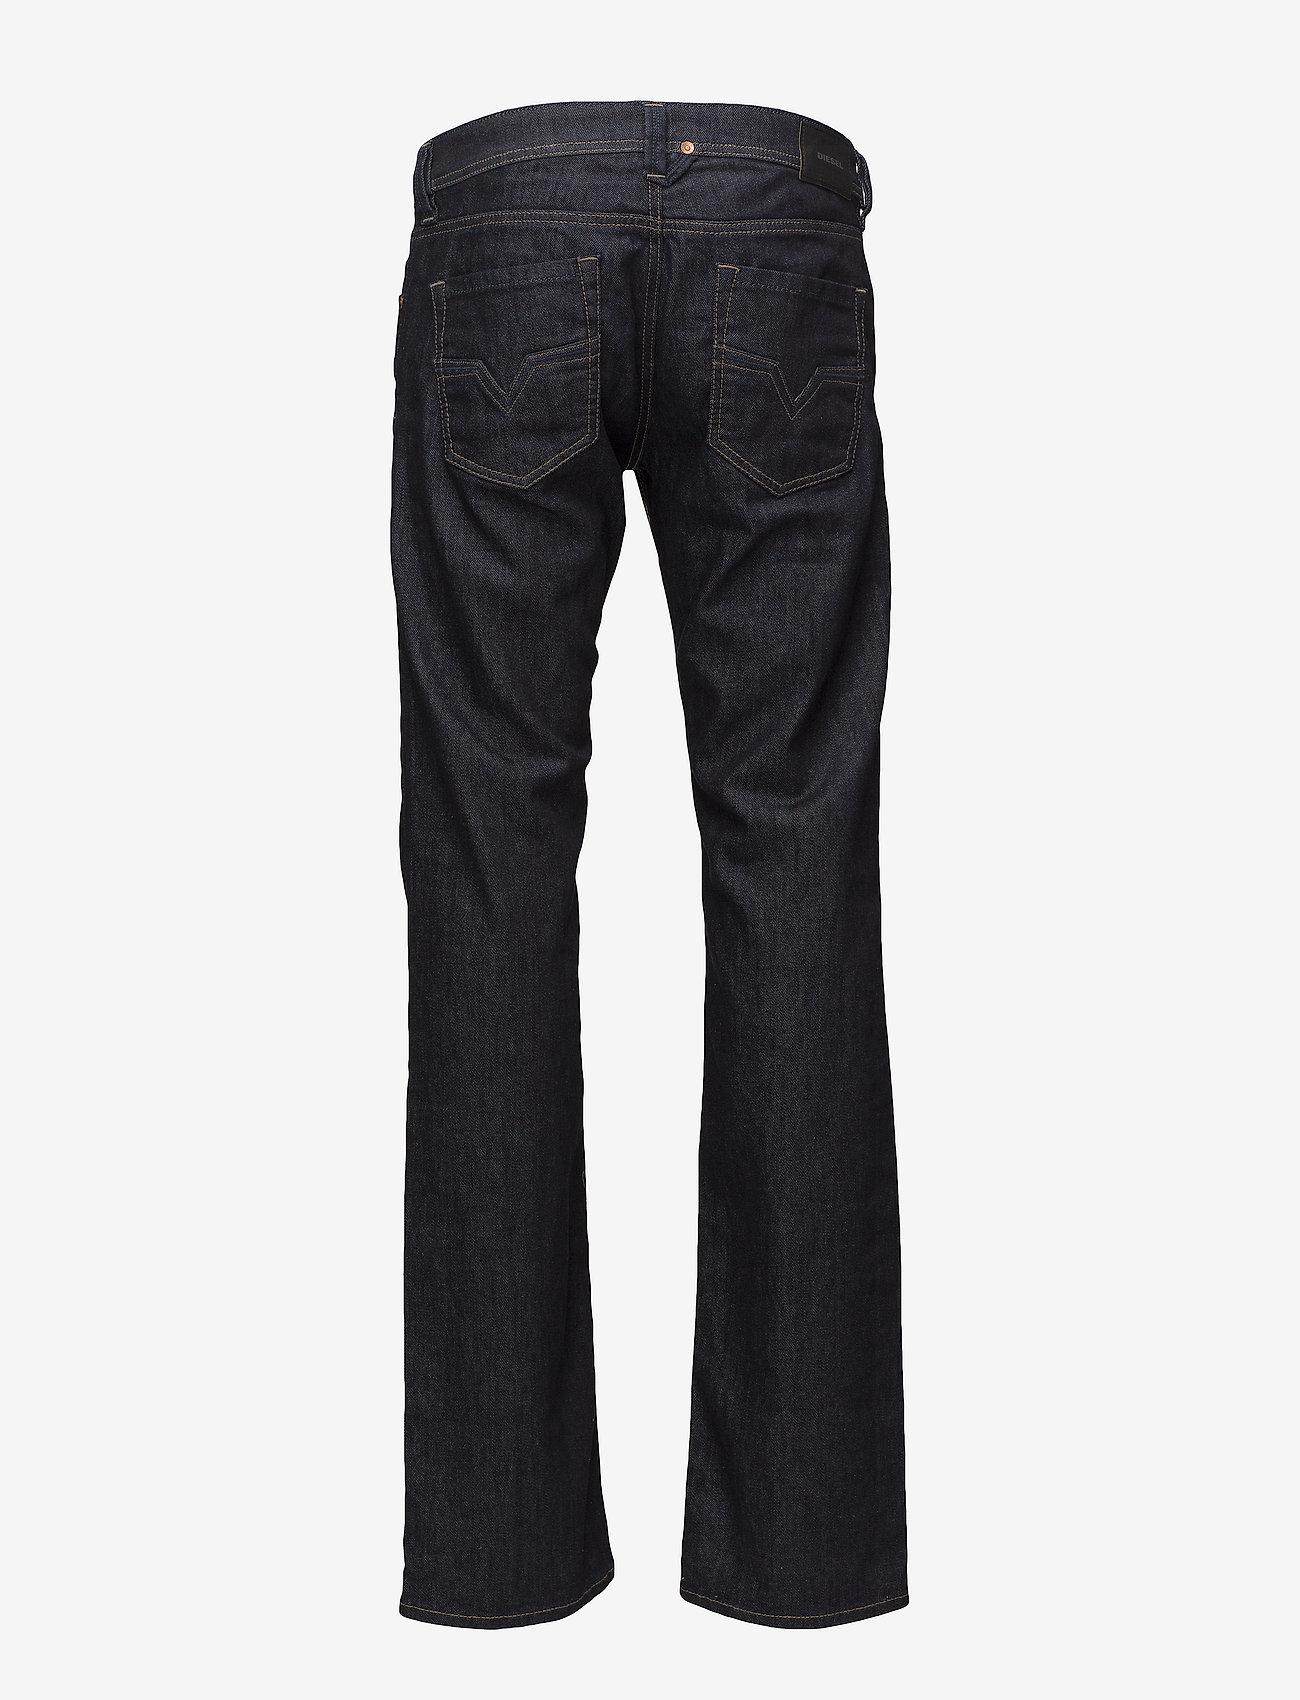 Diesel Men - LARKEE - regular jeans - denim